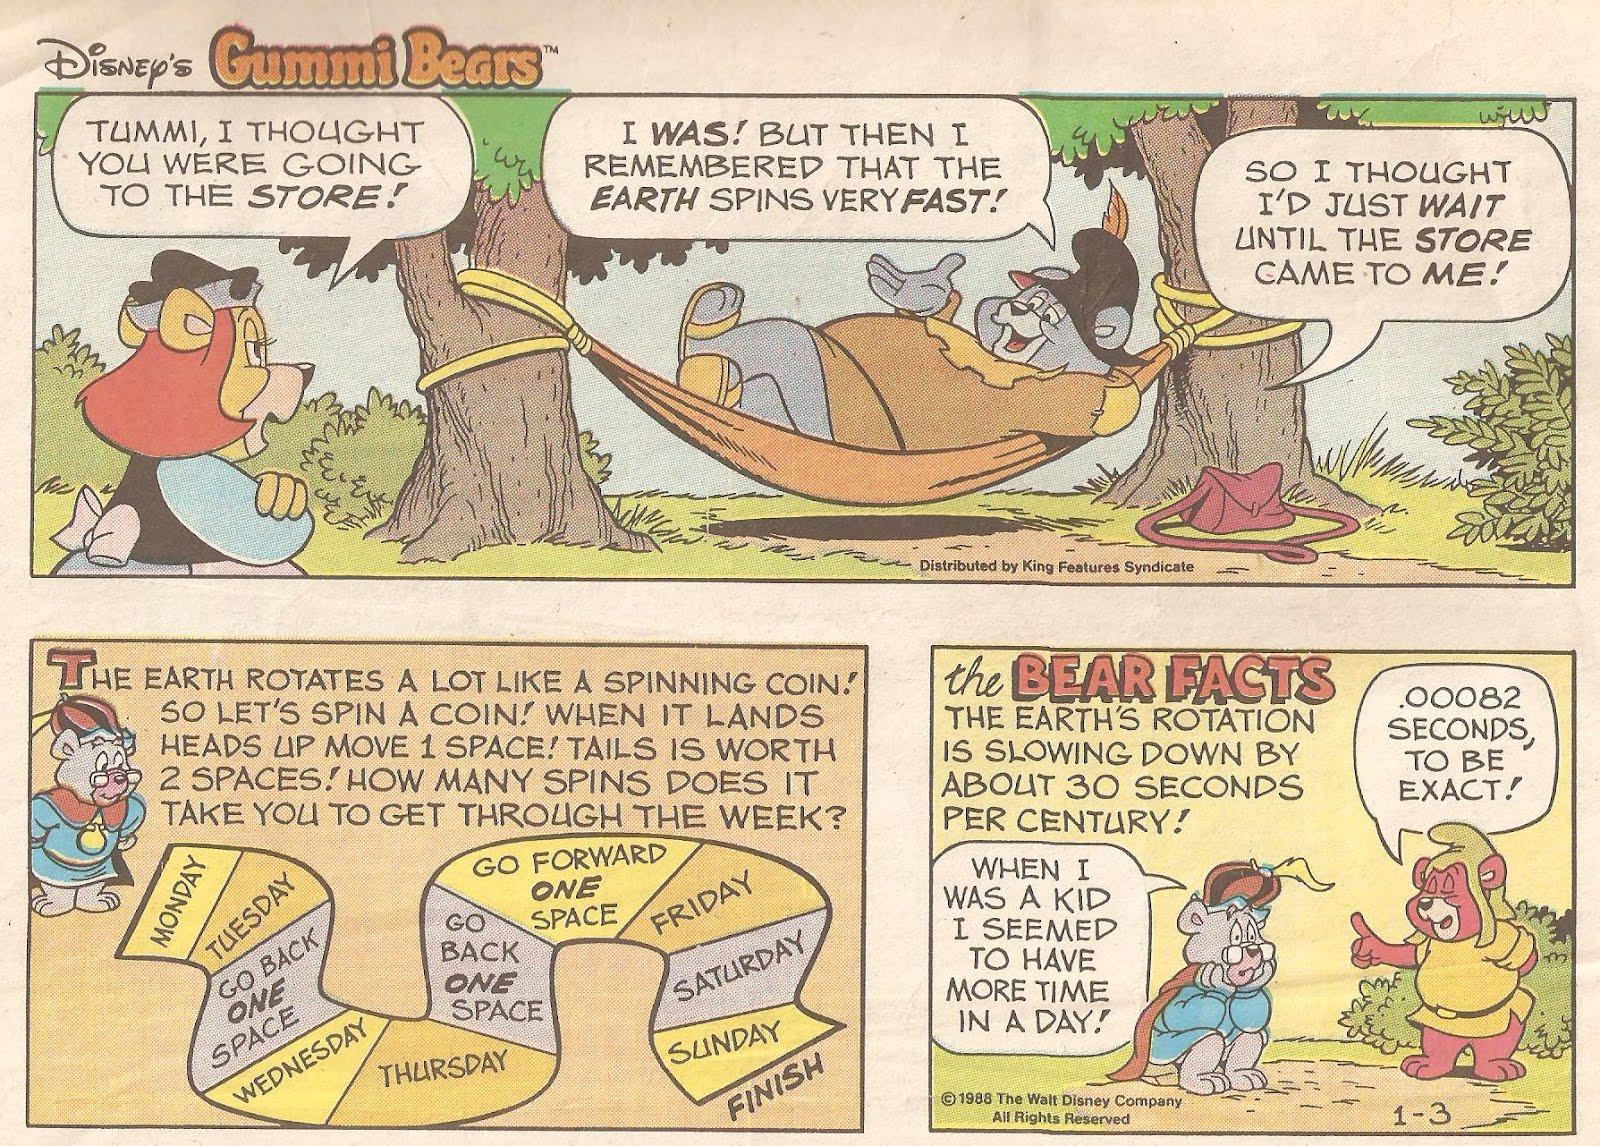 Digger bear comic strip